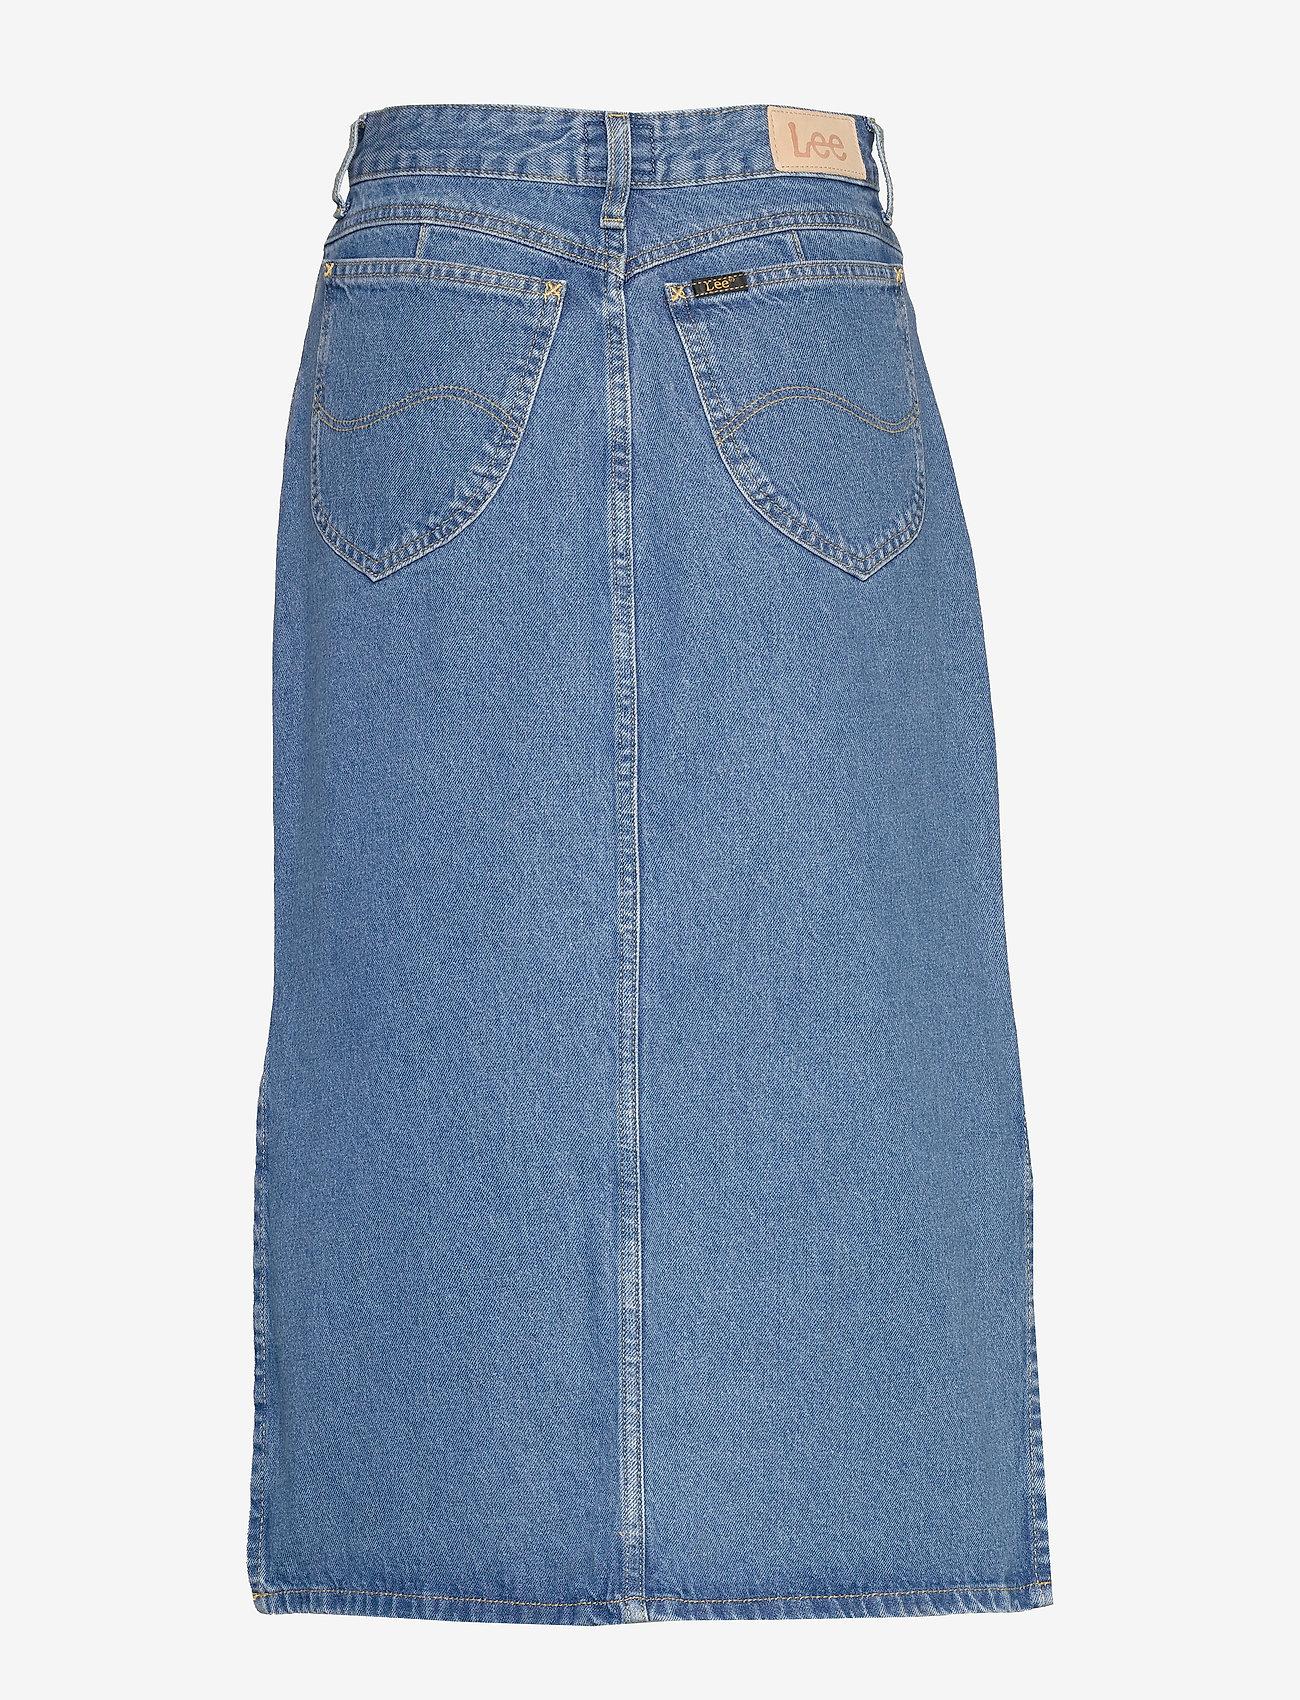 Lee Jeans - THELMA SKIRT - denimskjørt - clean callie - 1